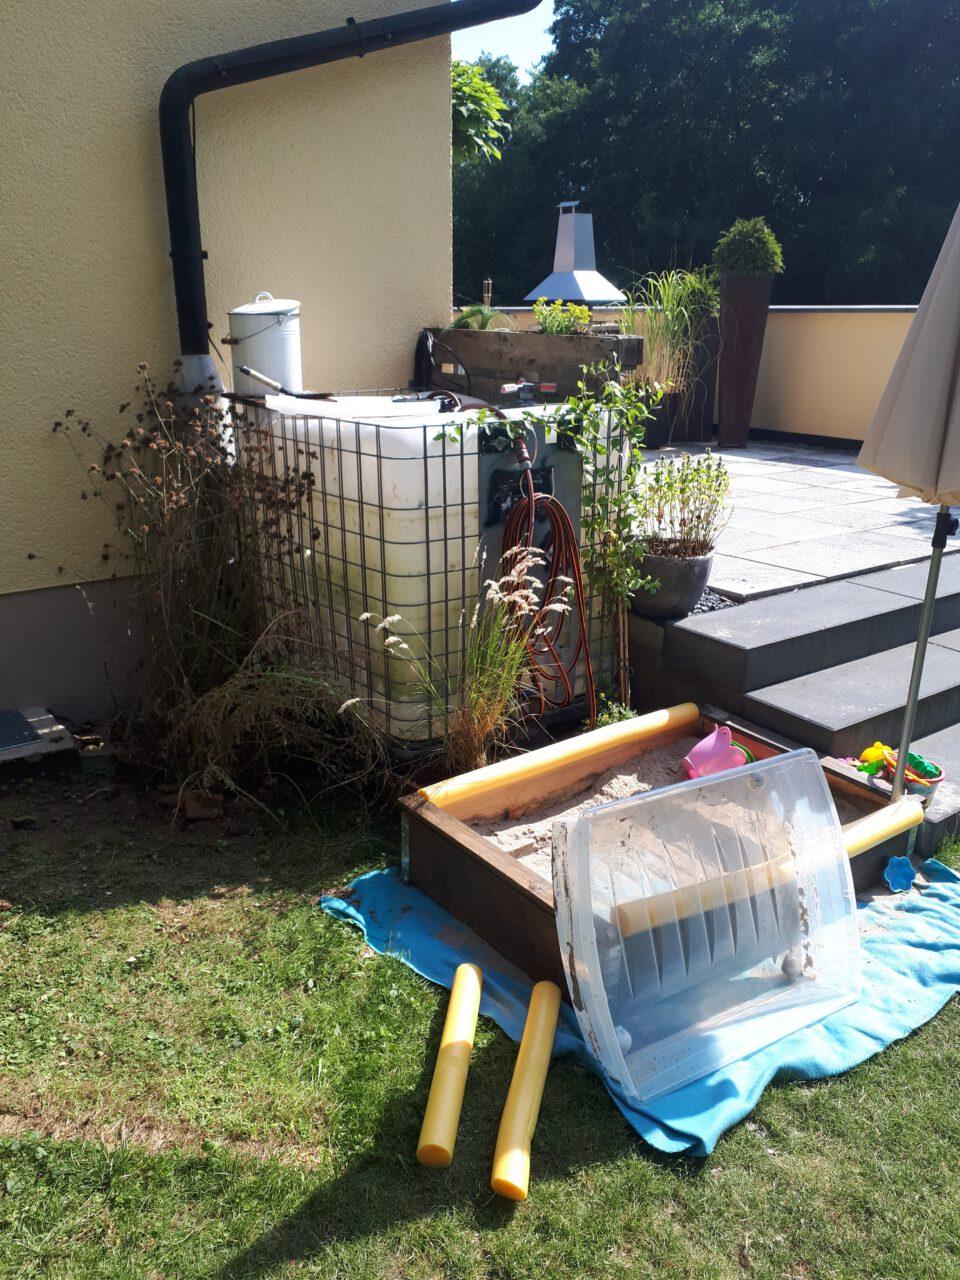 Der klitzekleine Protoyp lieferte die Idee um einen Gartenpool selbst zu bauen